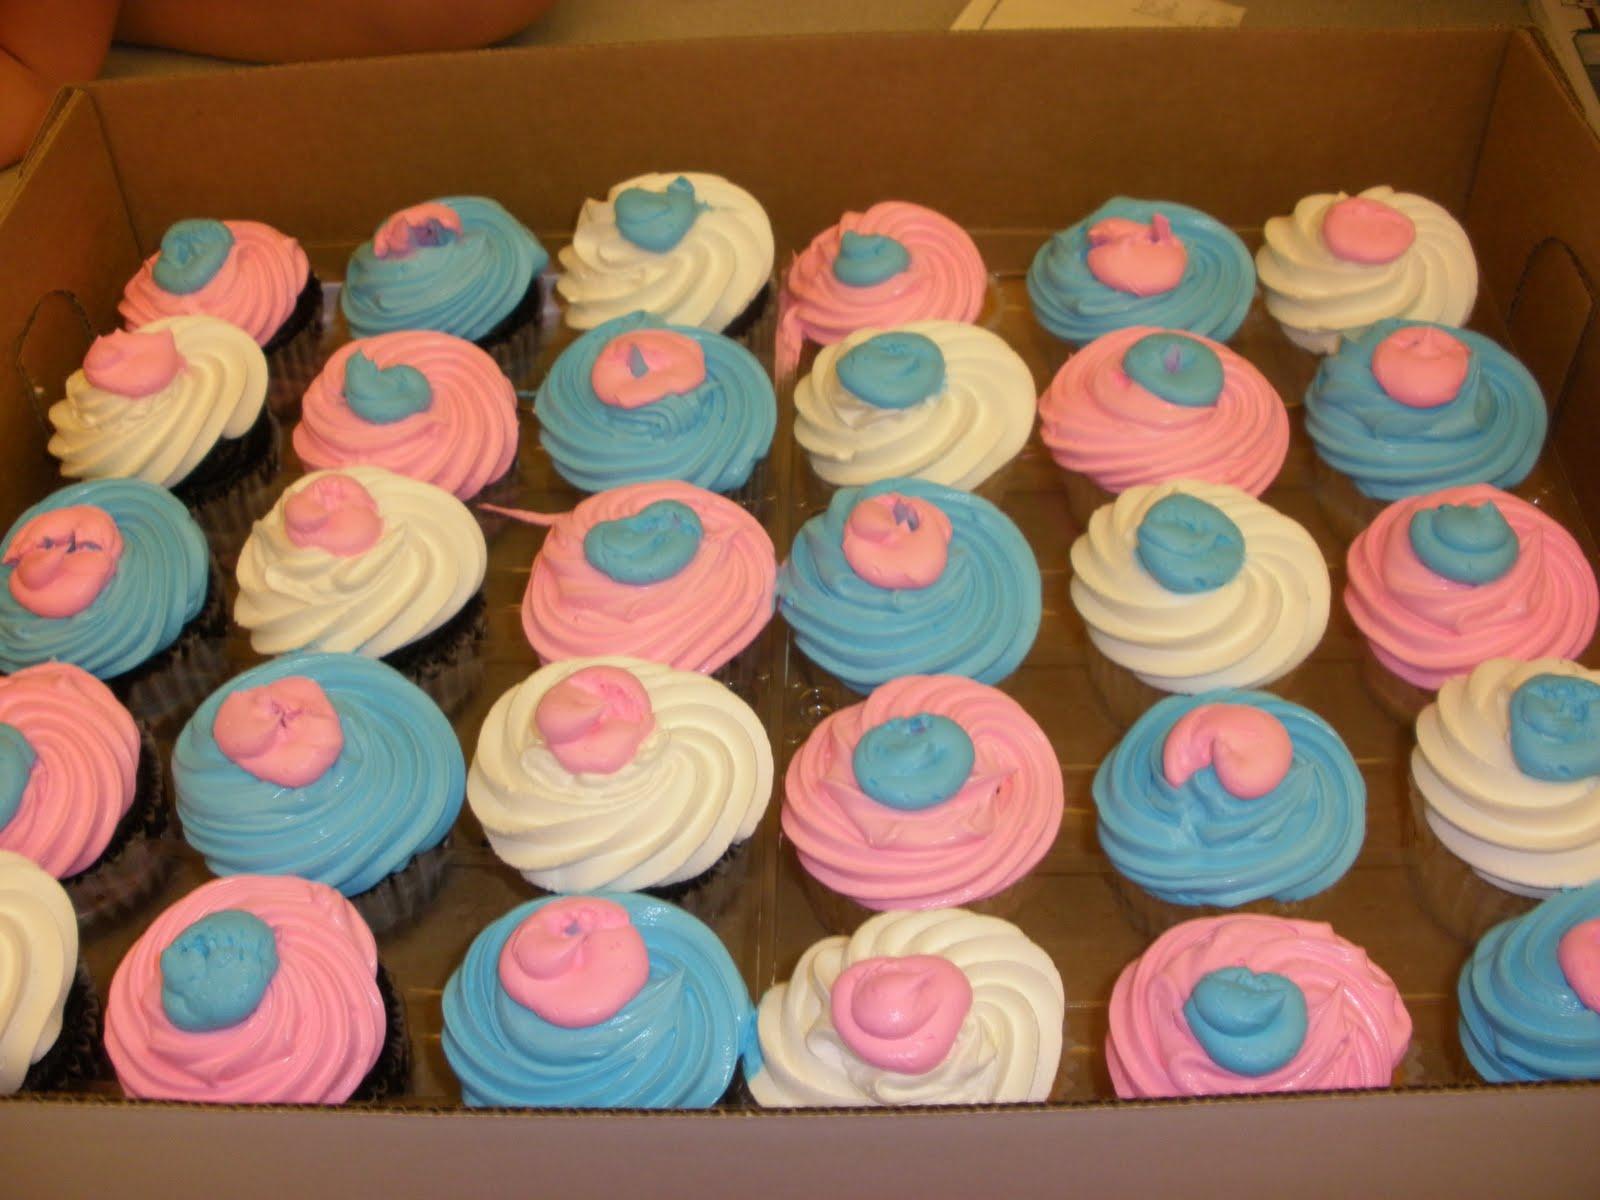 15 Luxury Sams Club Birthday Cakes Prices Birthday Activities